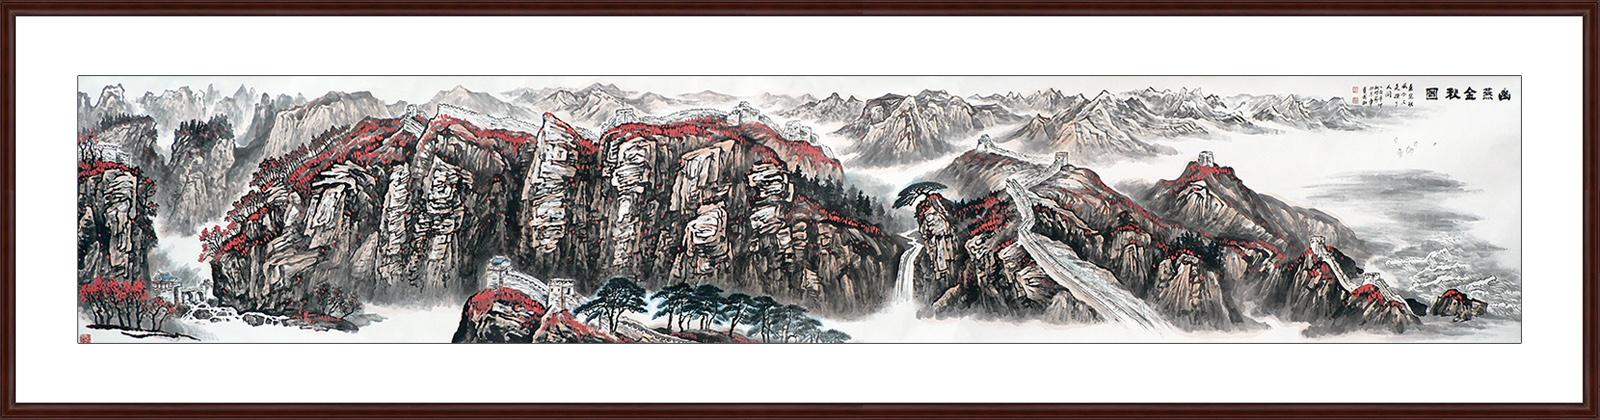 792457614_新买的房子装修想在客厅挂一副山水画 www.yczihua.com ...